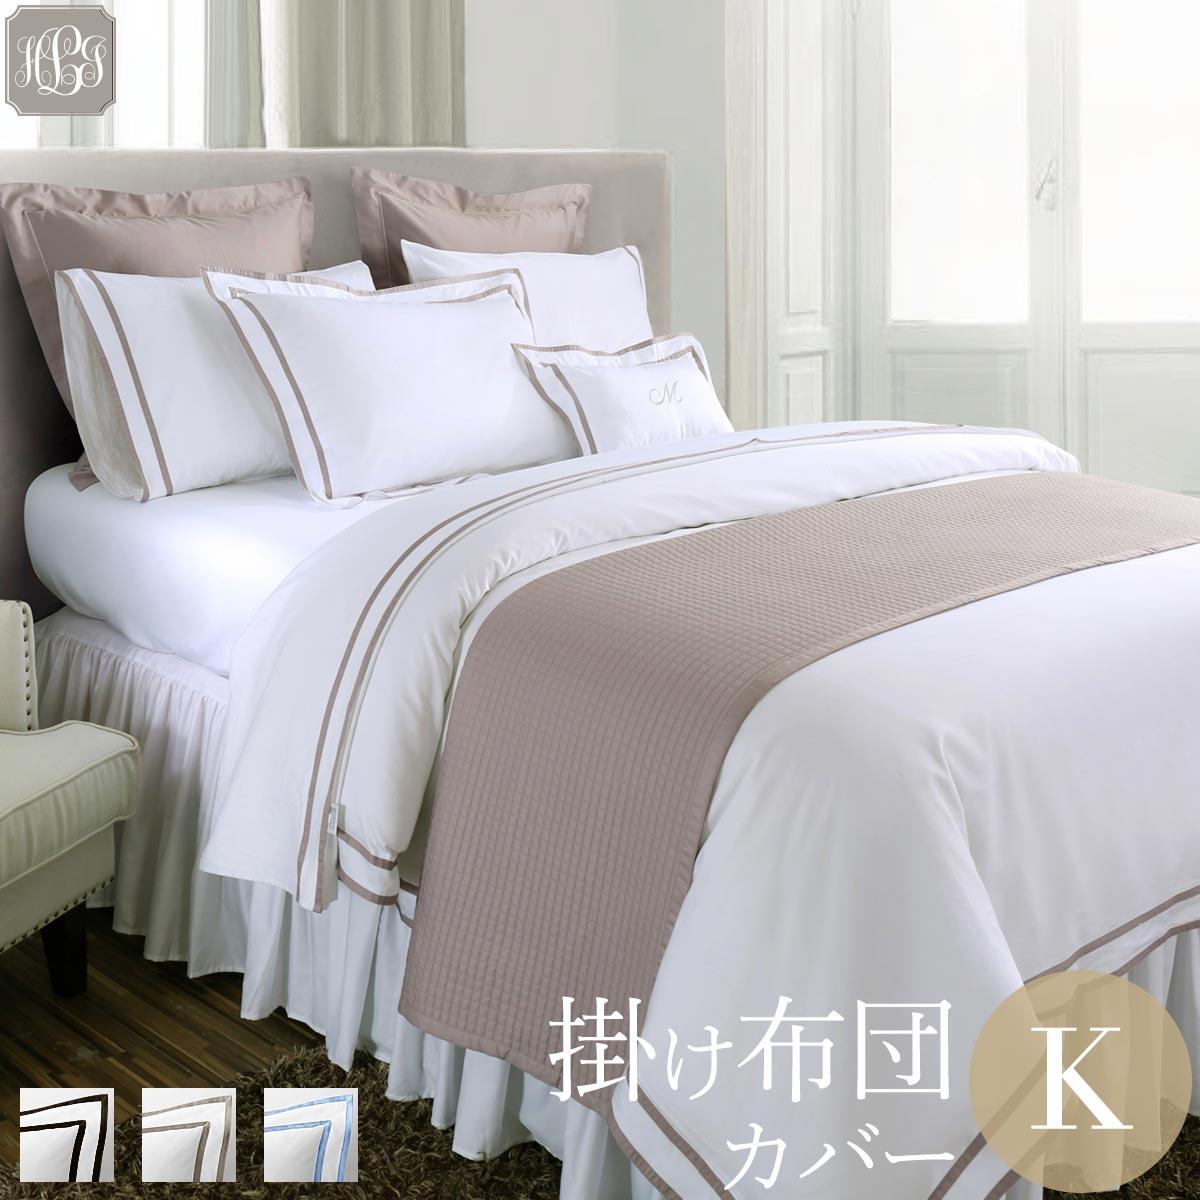 掛け布団カバー キング  230×210cm 400TC ホテル 綿100%